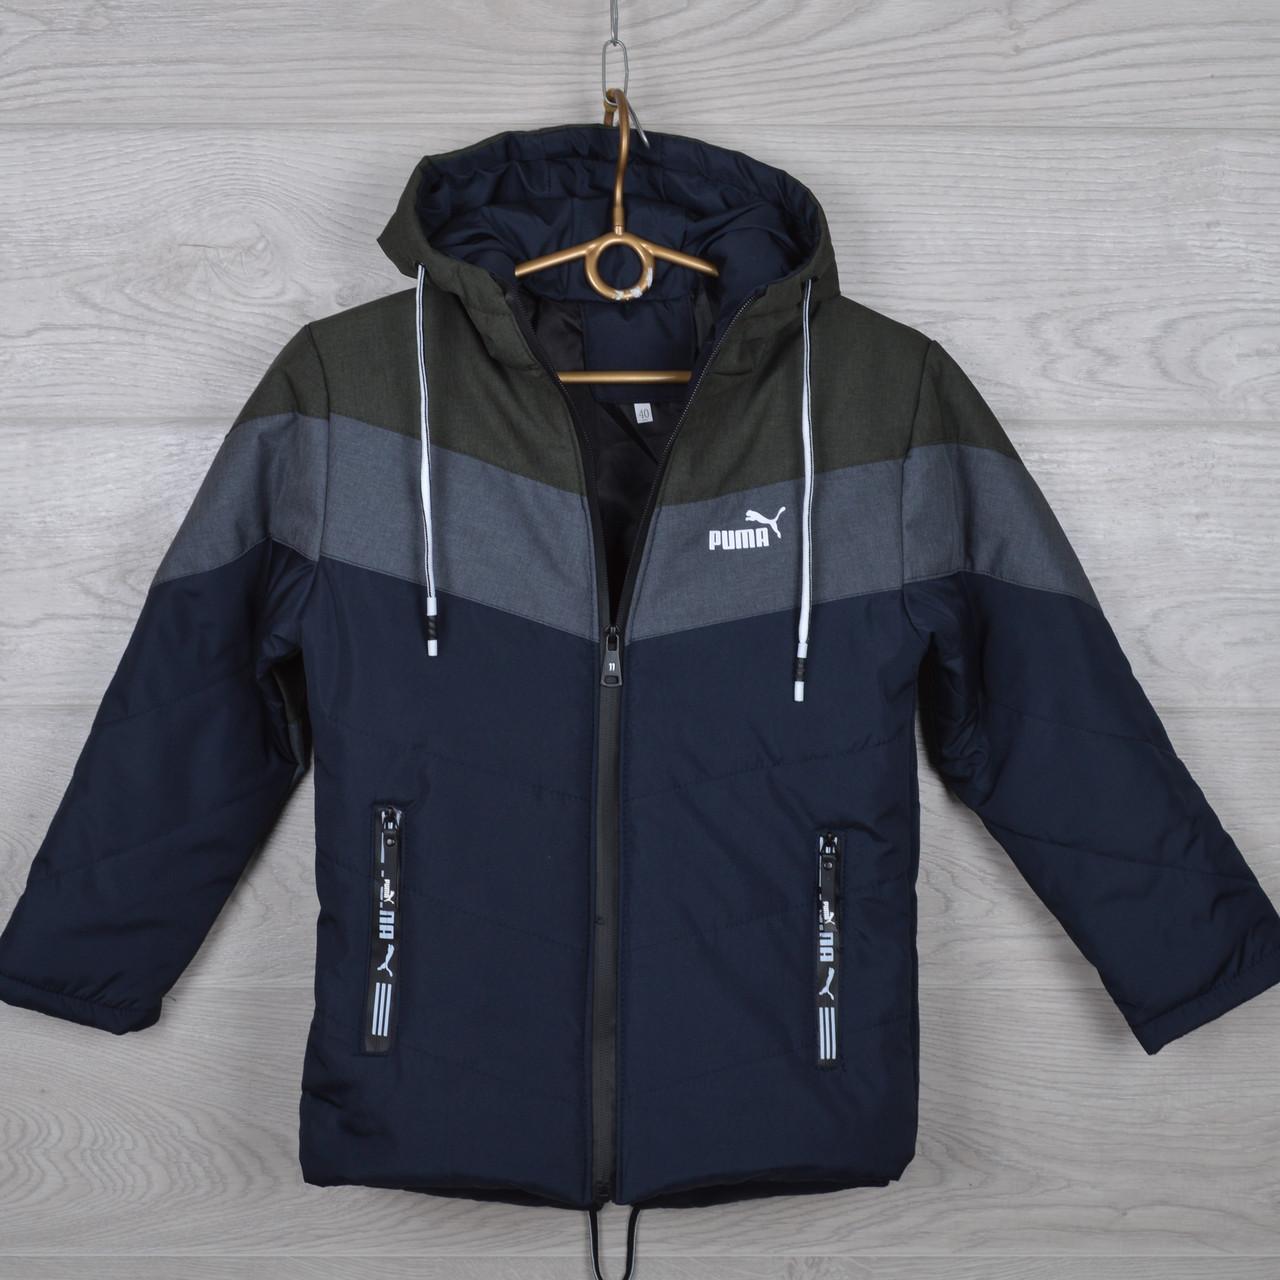 """Куртка детская демисезонная """"Puma реплика"""" 5-6-7-8-9 лет (110-134 см). Темно-синяя+хаки. Оптом."""